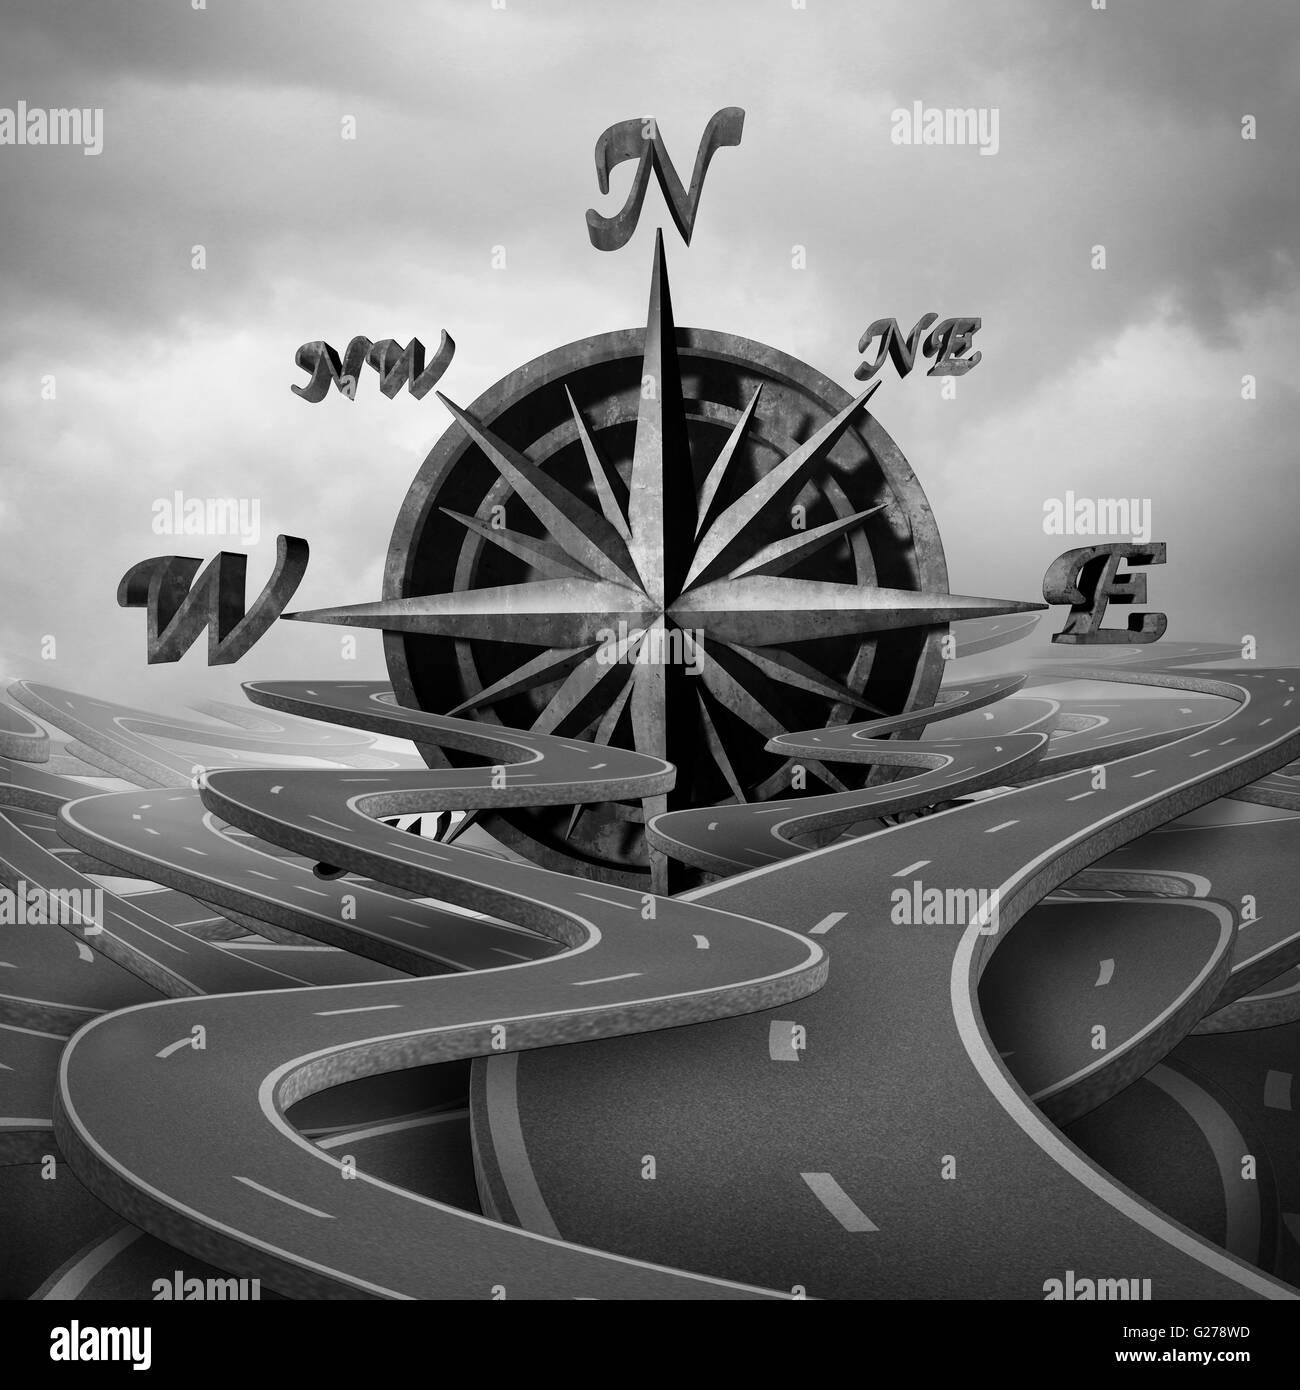 Konzept der Navigation als Business-Kompass-Symbol oder moralischen Kompass-Symbol in einer Gruppe von Straßen Stockbild